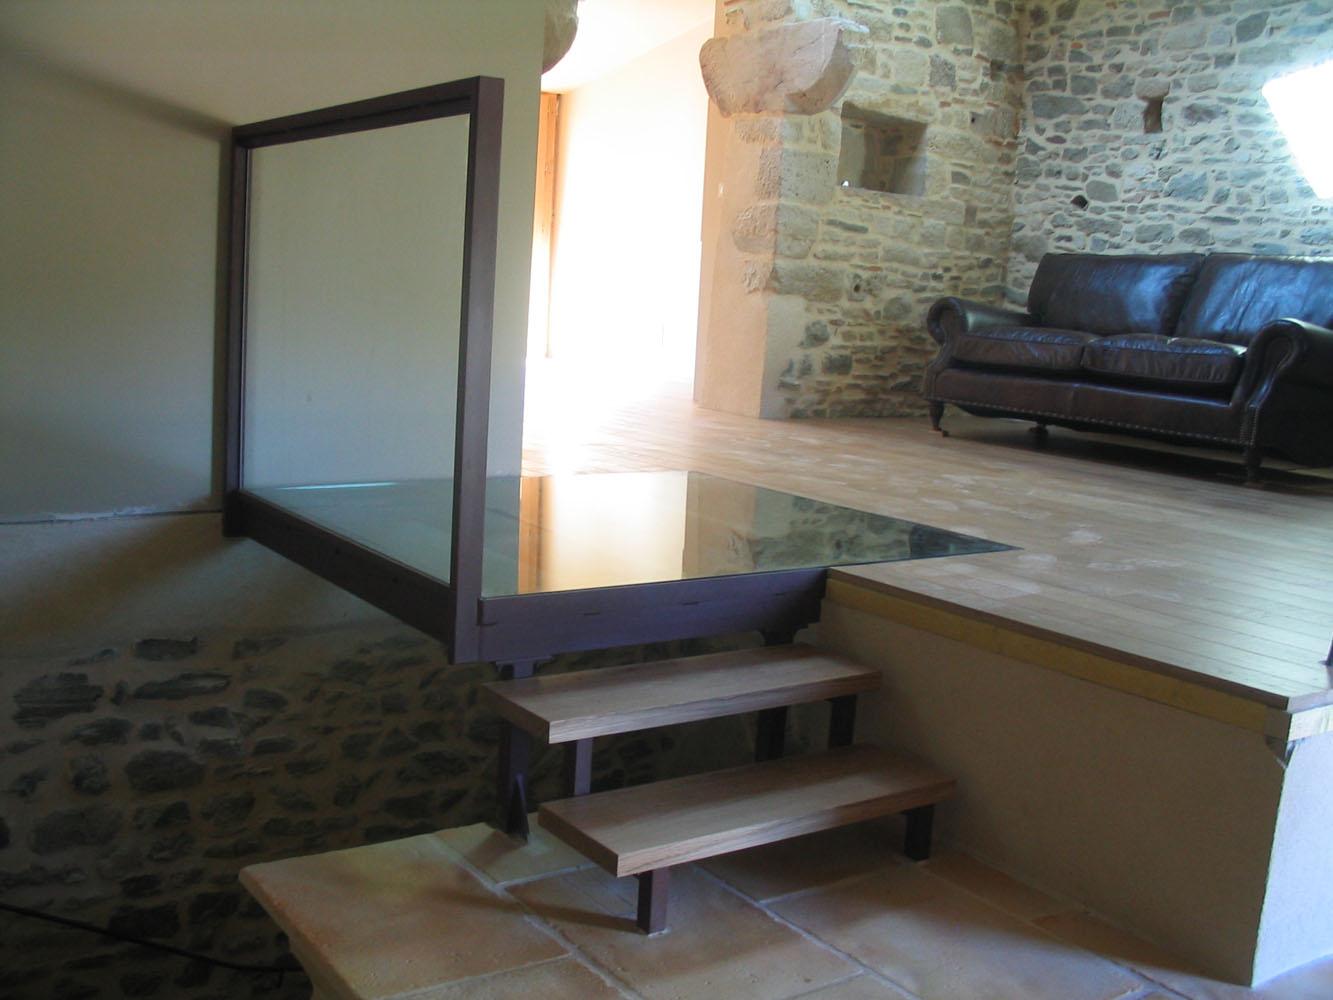 Puit De Lumiere Sol dalles de plancher et escalier en verre